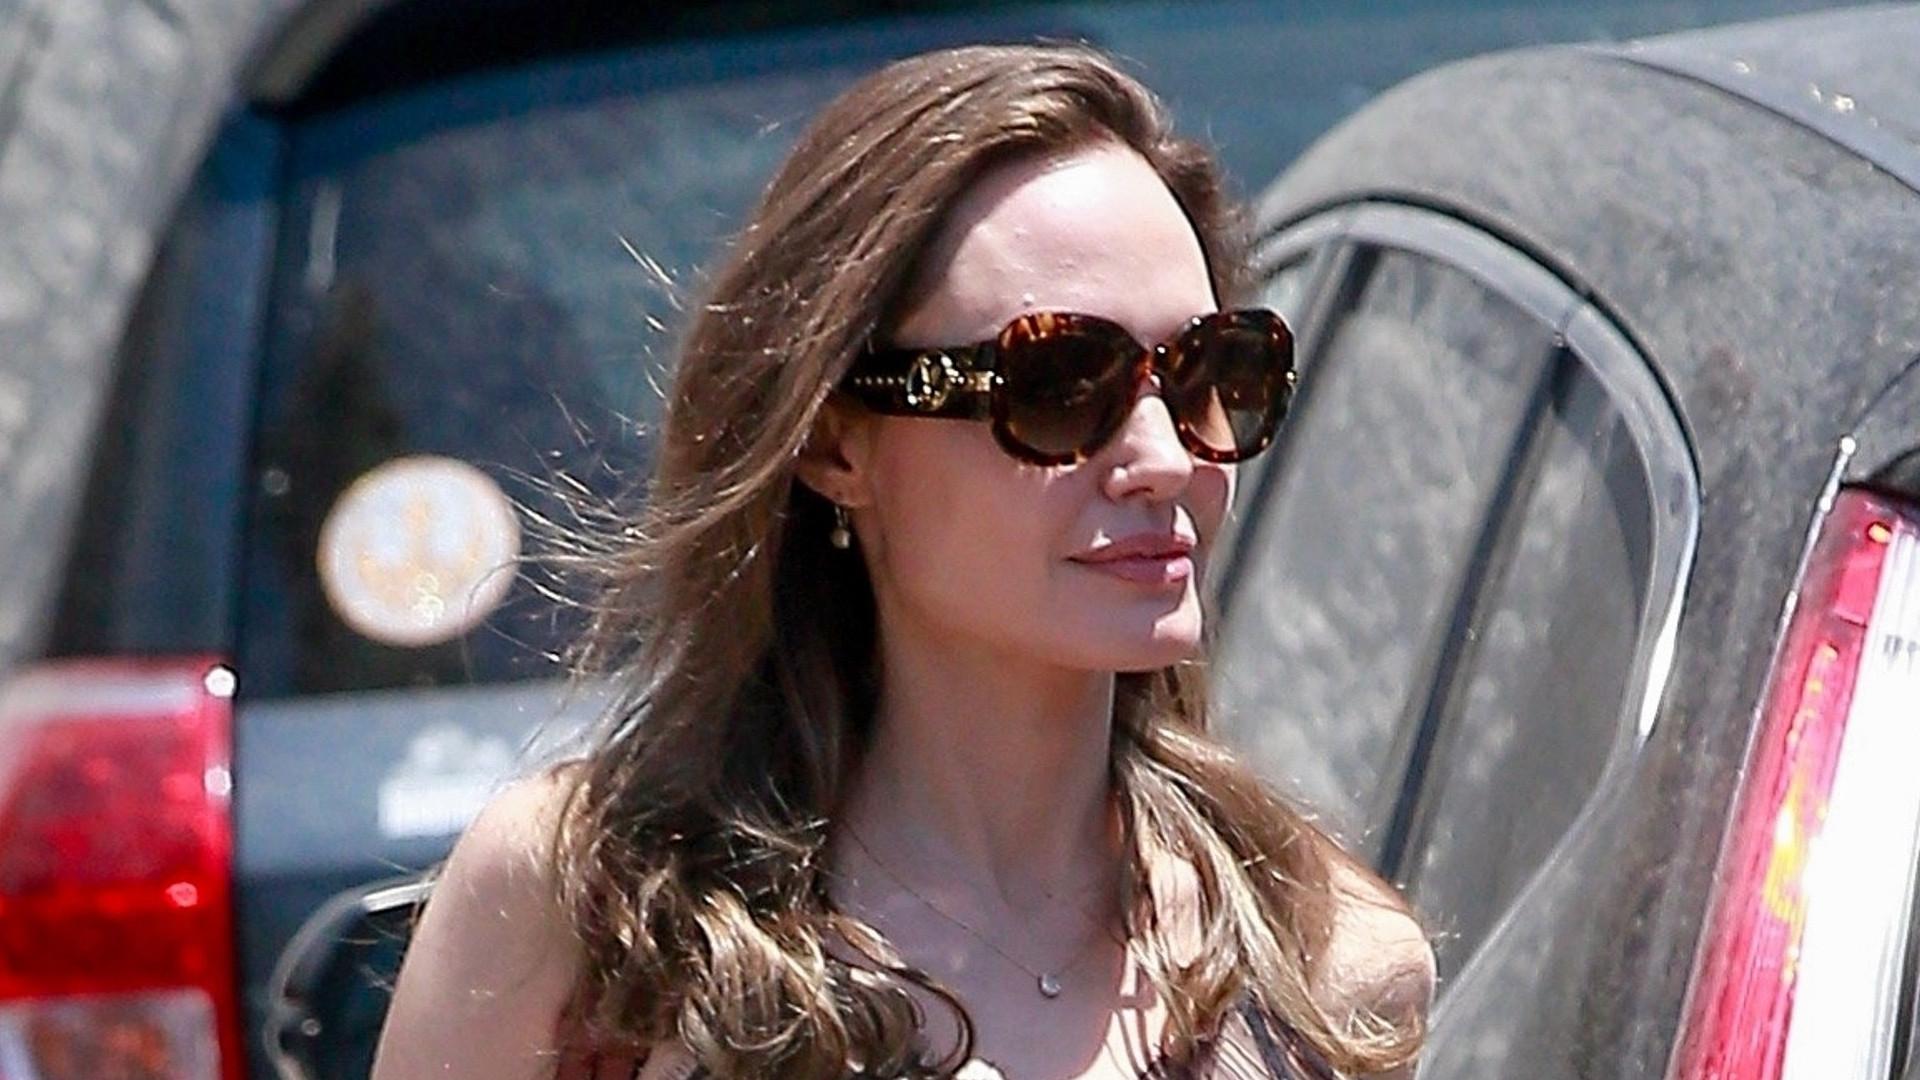 Angelina Jolie w seksownym topie – już dawno nie nosiła TAKICH ubrań (ZDJĘCIA)